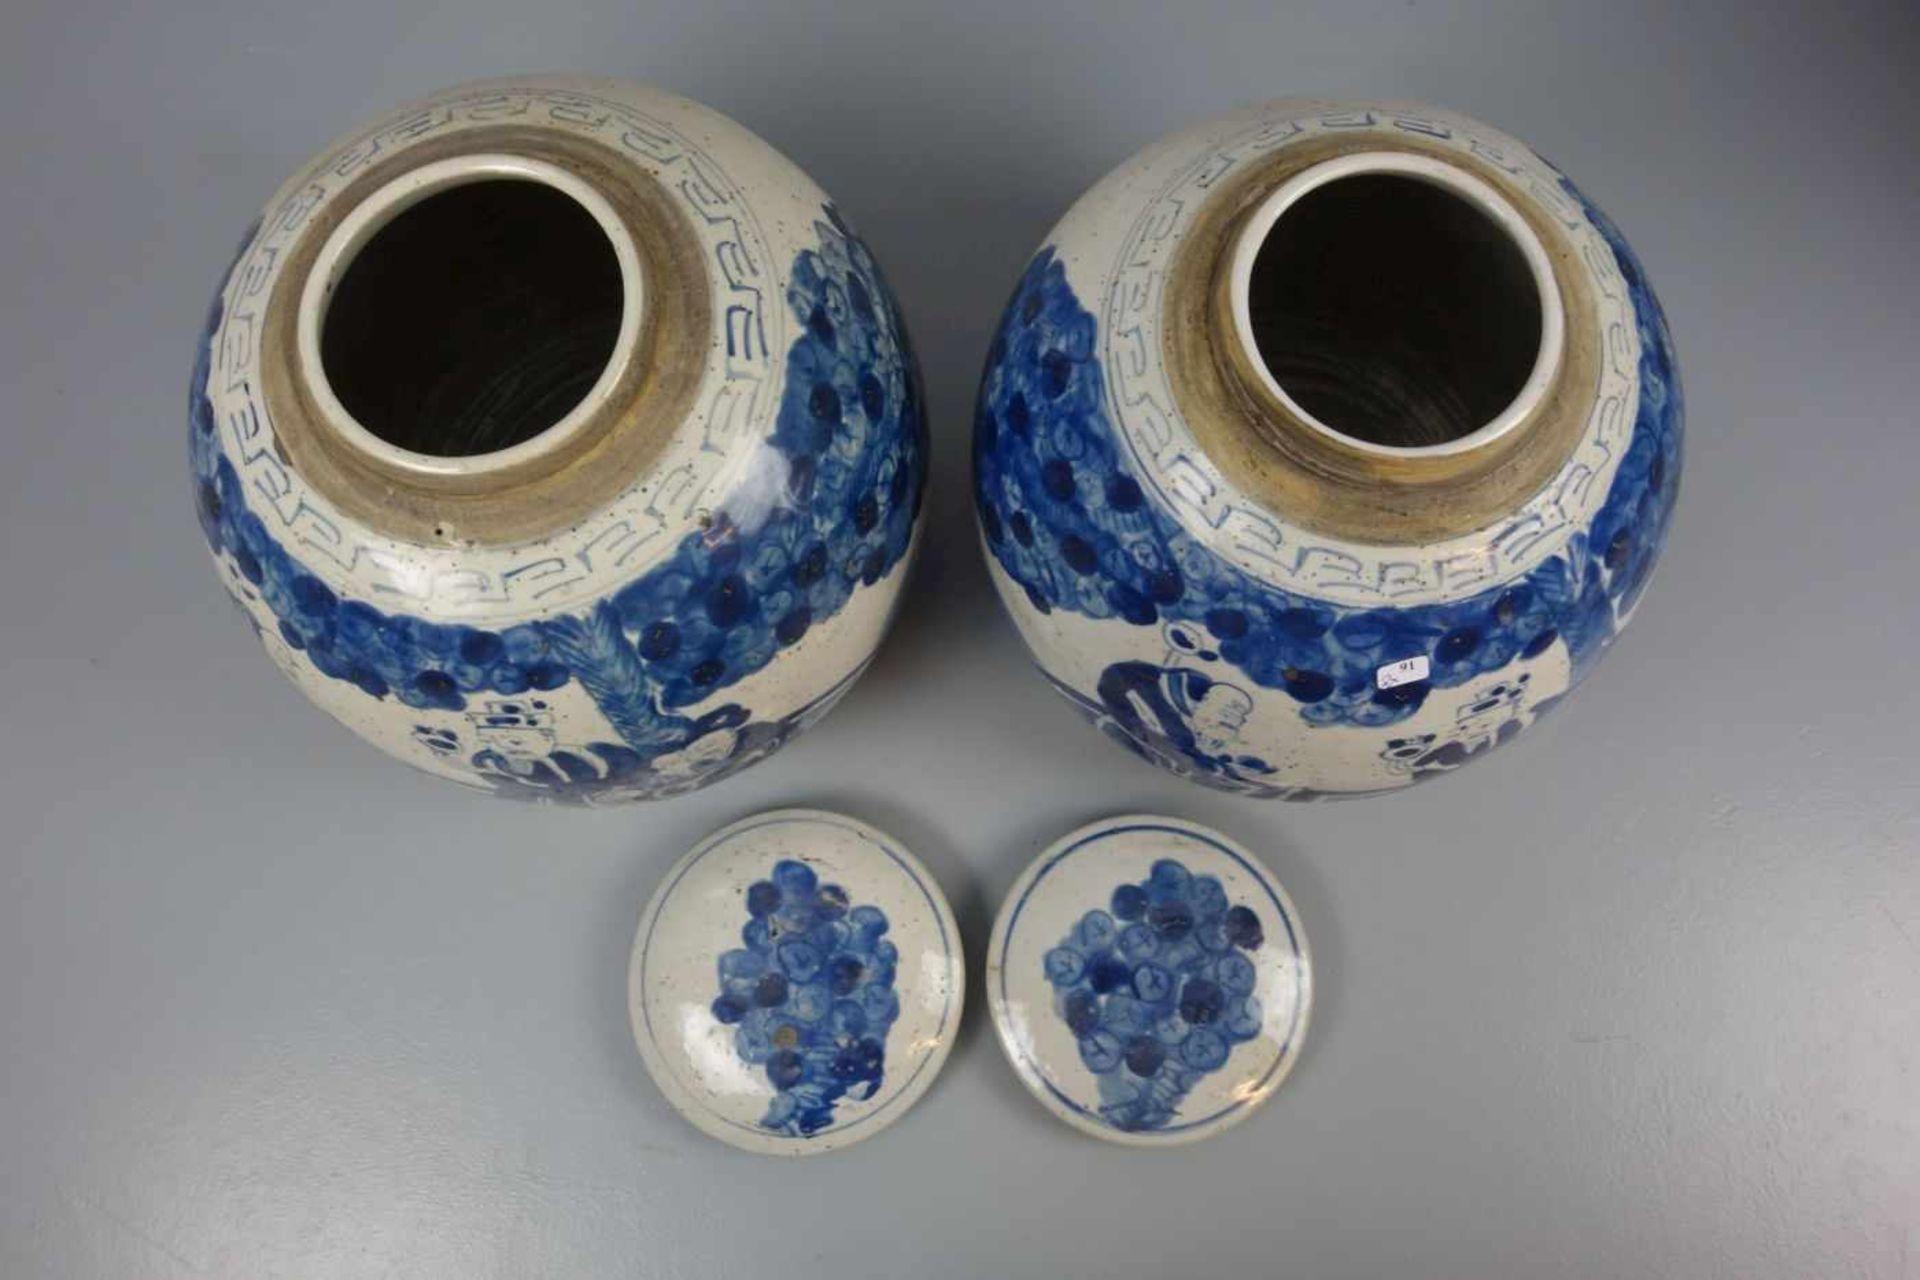 Los 91 - PAAR INGWERTÖPFE / DECKELDOSEN / DECKELVASEN / pair of ginger jars, late Qing dynasty, Porzellan,...